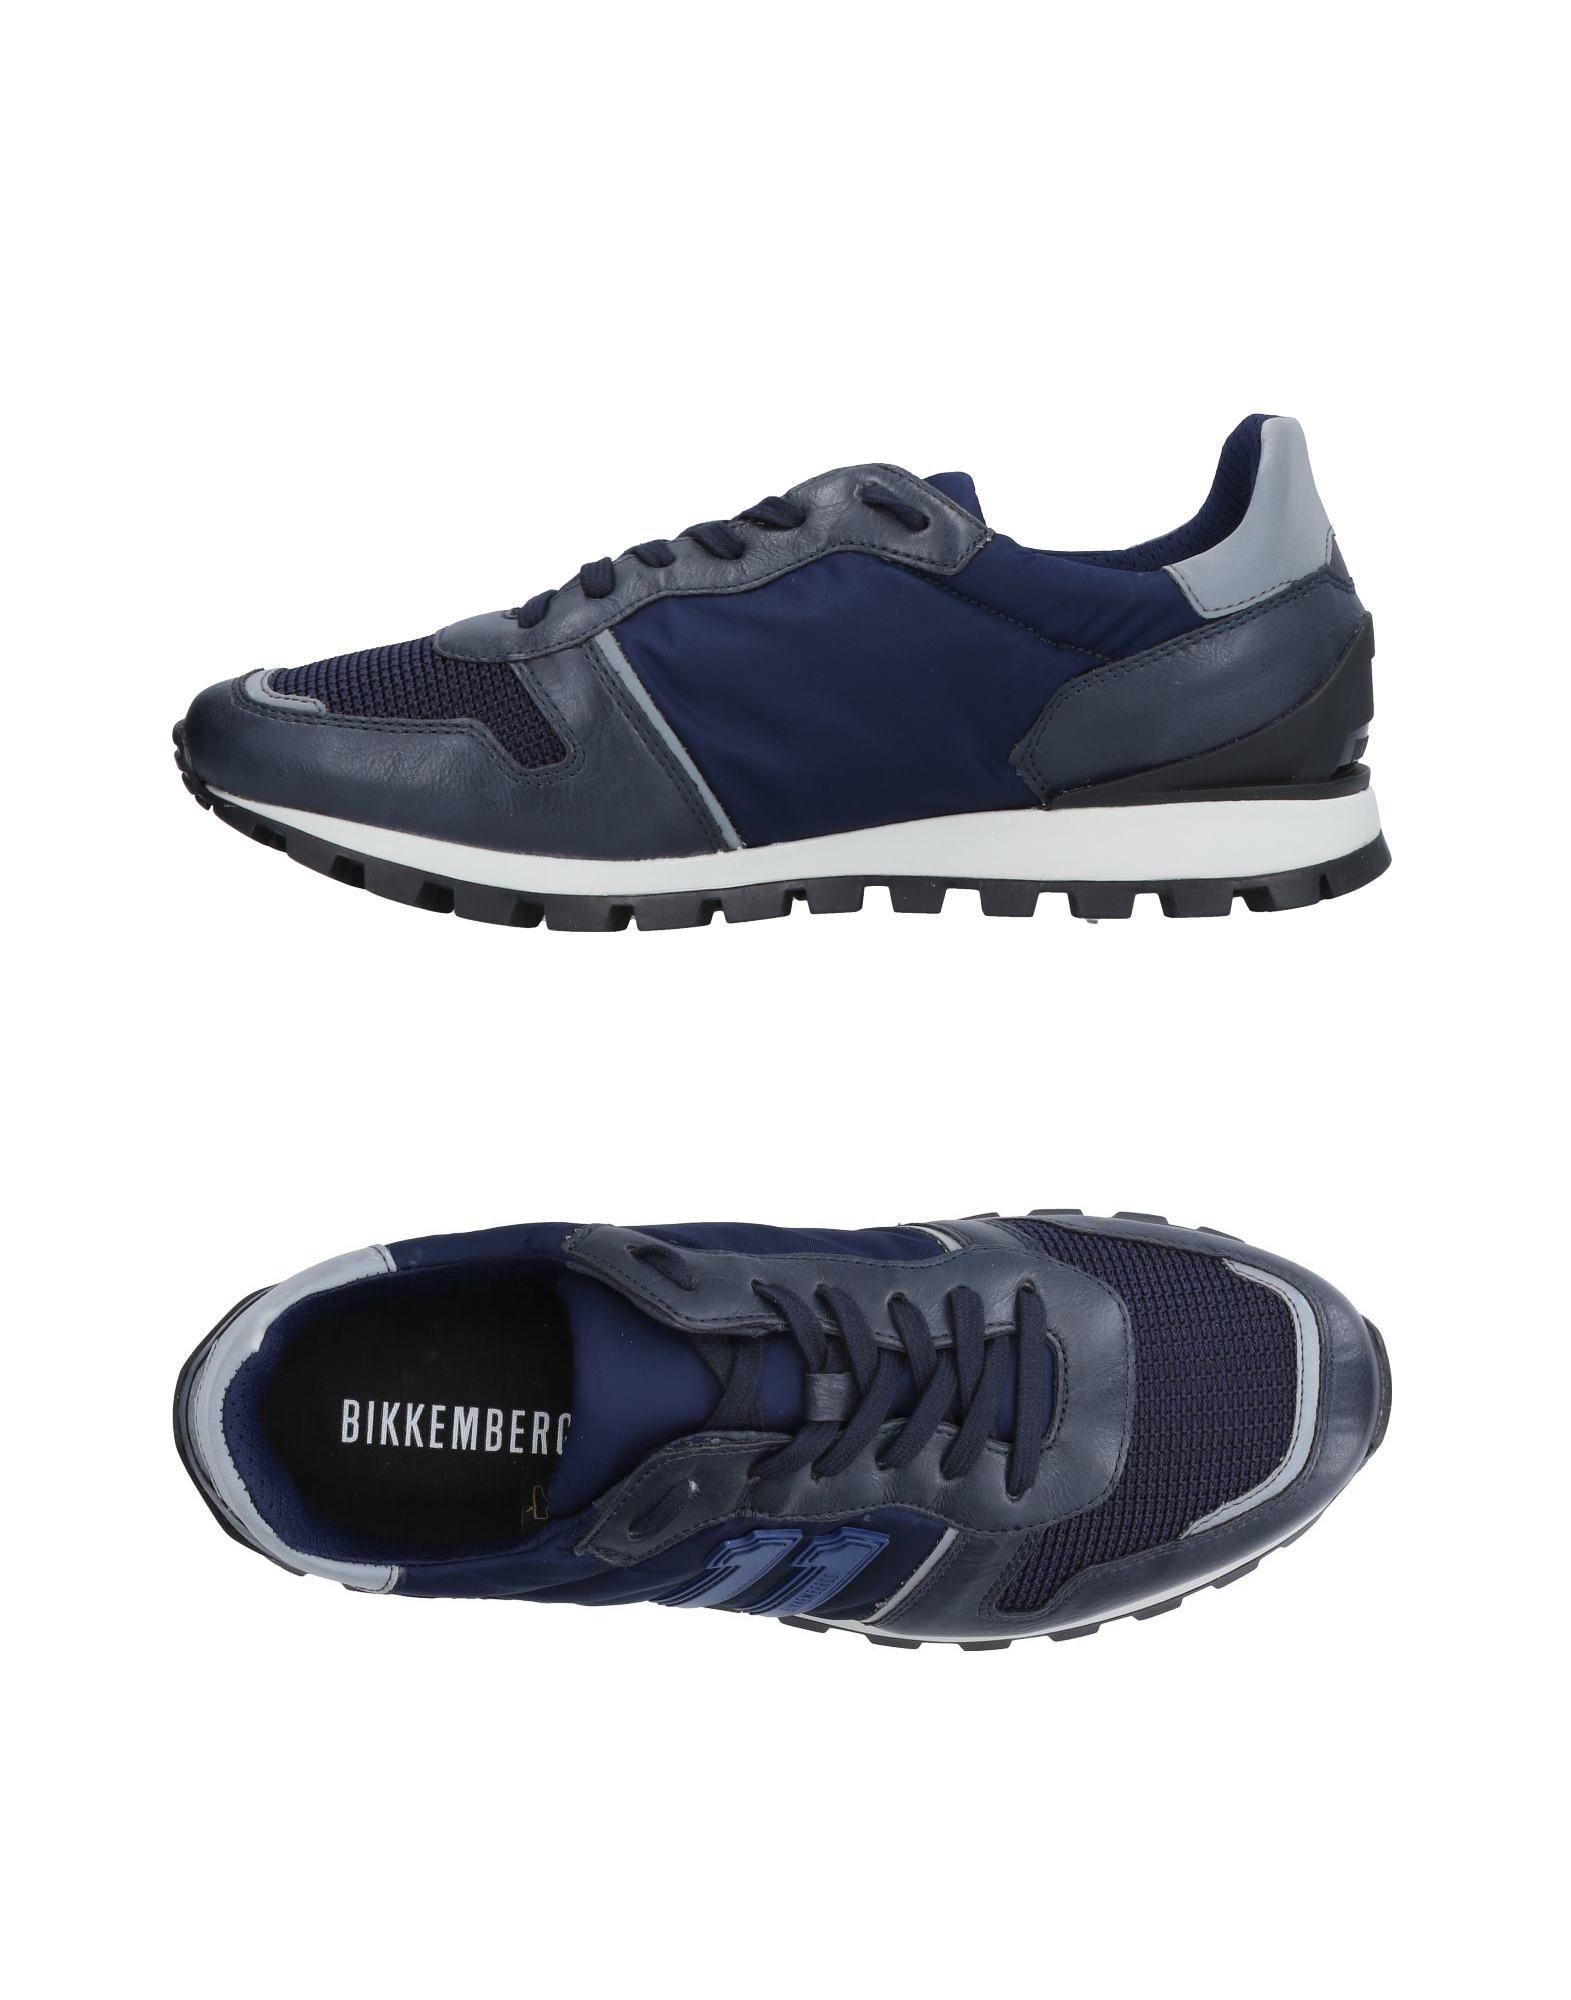 Sneakers Bikkembergs Uomo - 11521962TG Scarpe economiche e buone